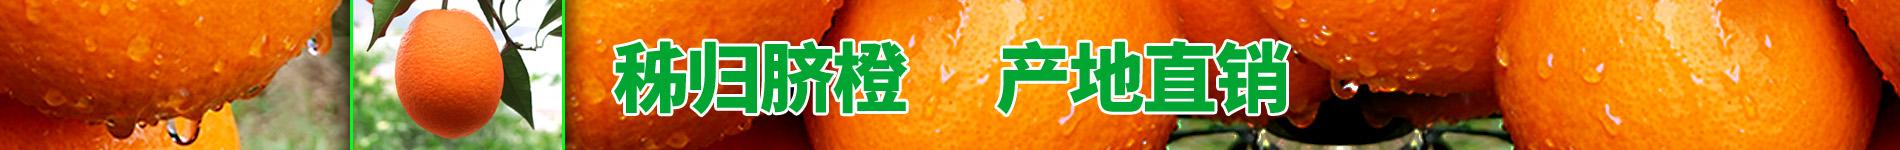 秭归脐橙品牌介绍